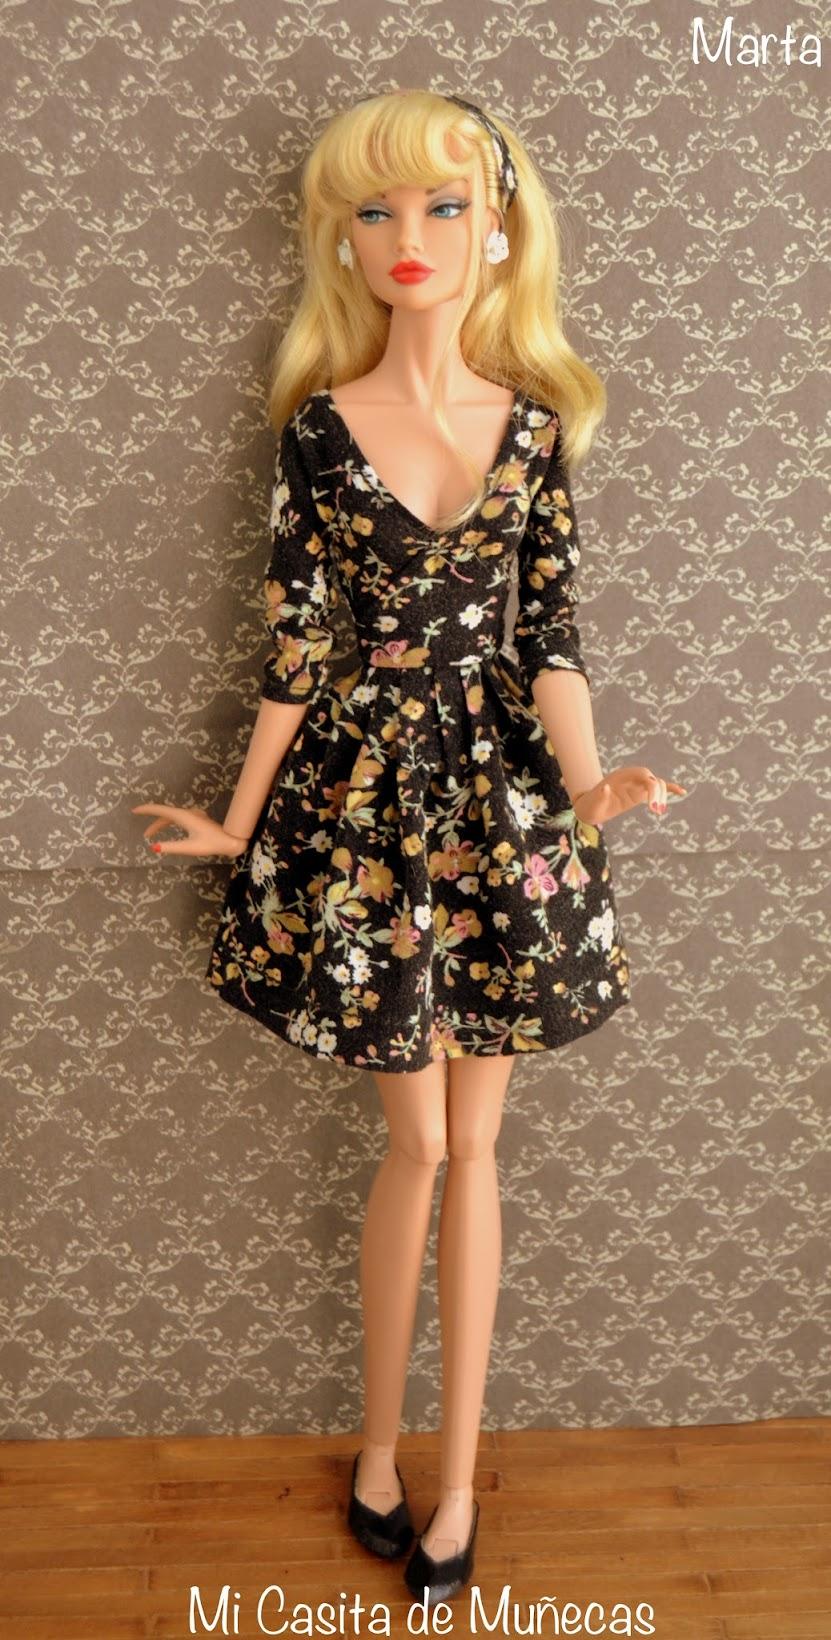 Poppy Parker, vestido, zapatos, mi casita de muñecas, marta del pino